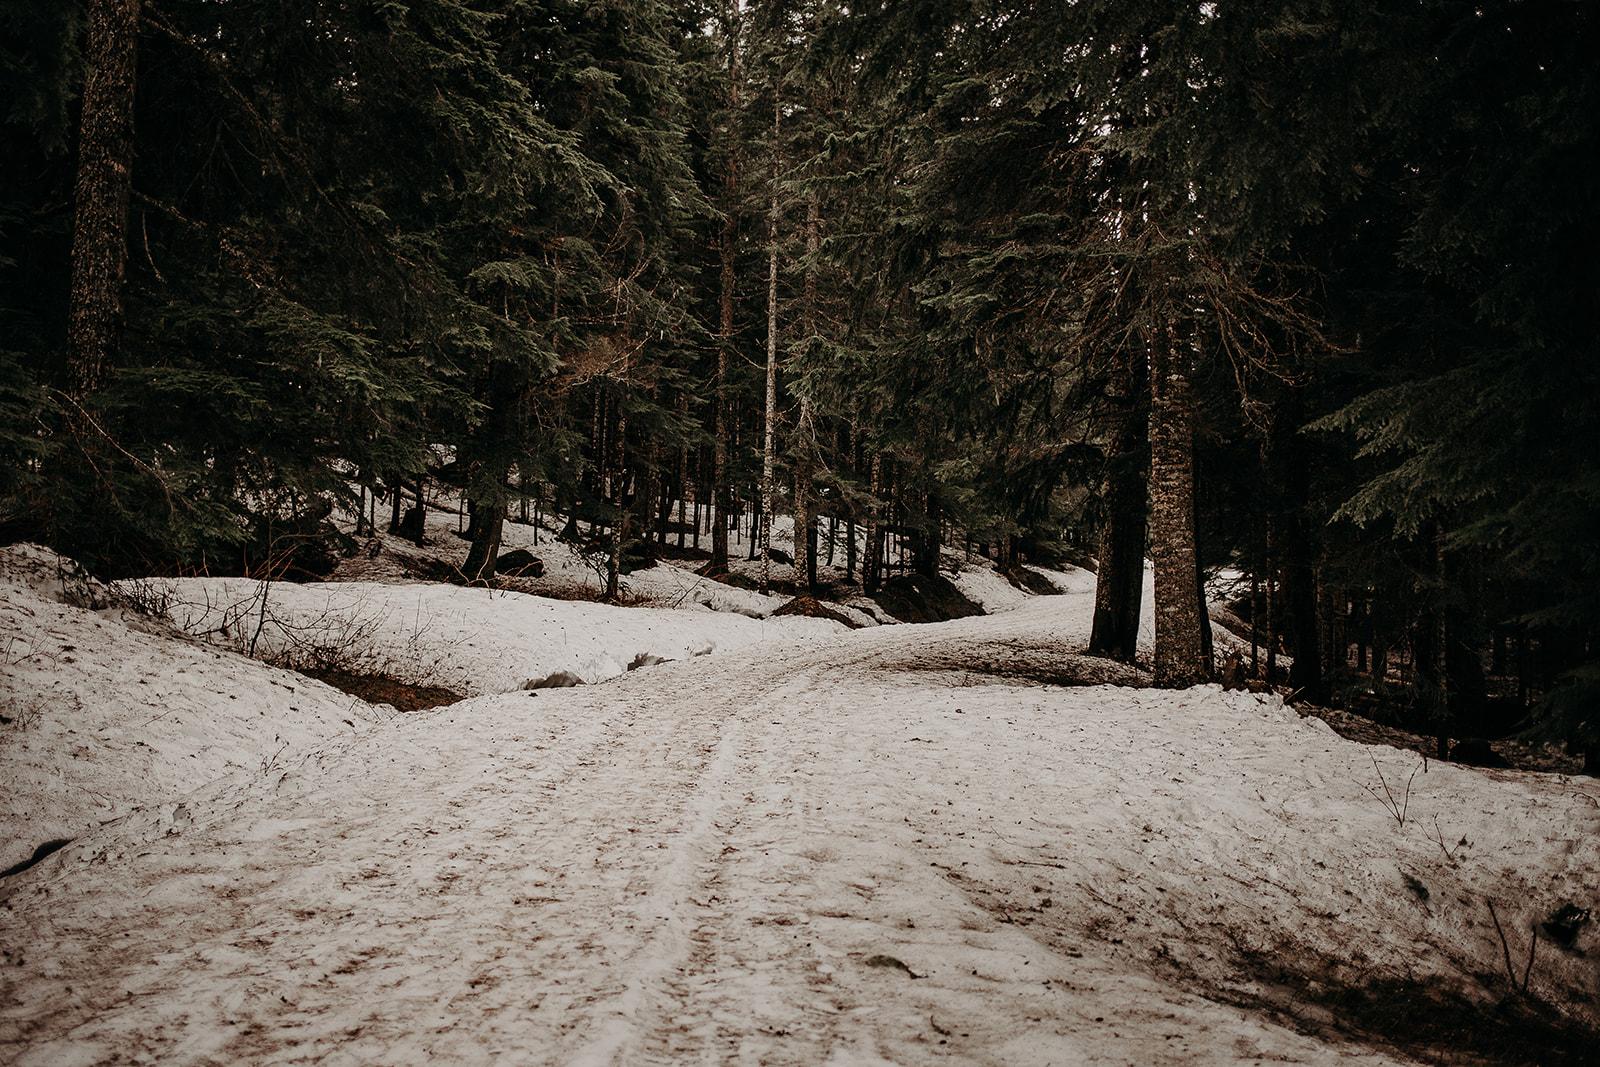 winter-mountain-elopement-asheville-wedding-photographer-megan-gallagher-photographer (57).jpg